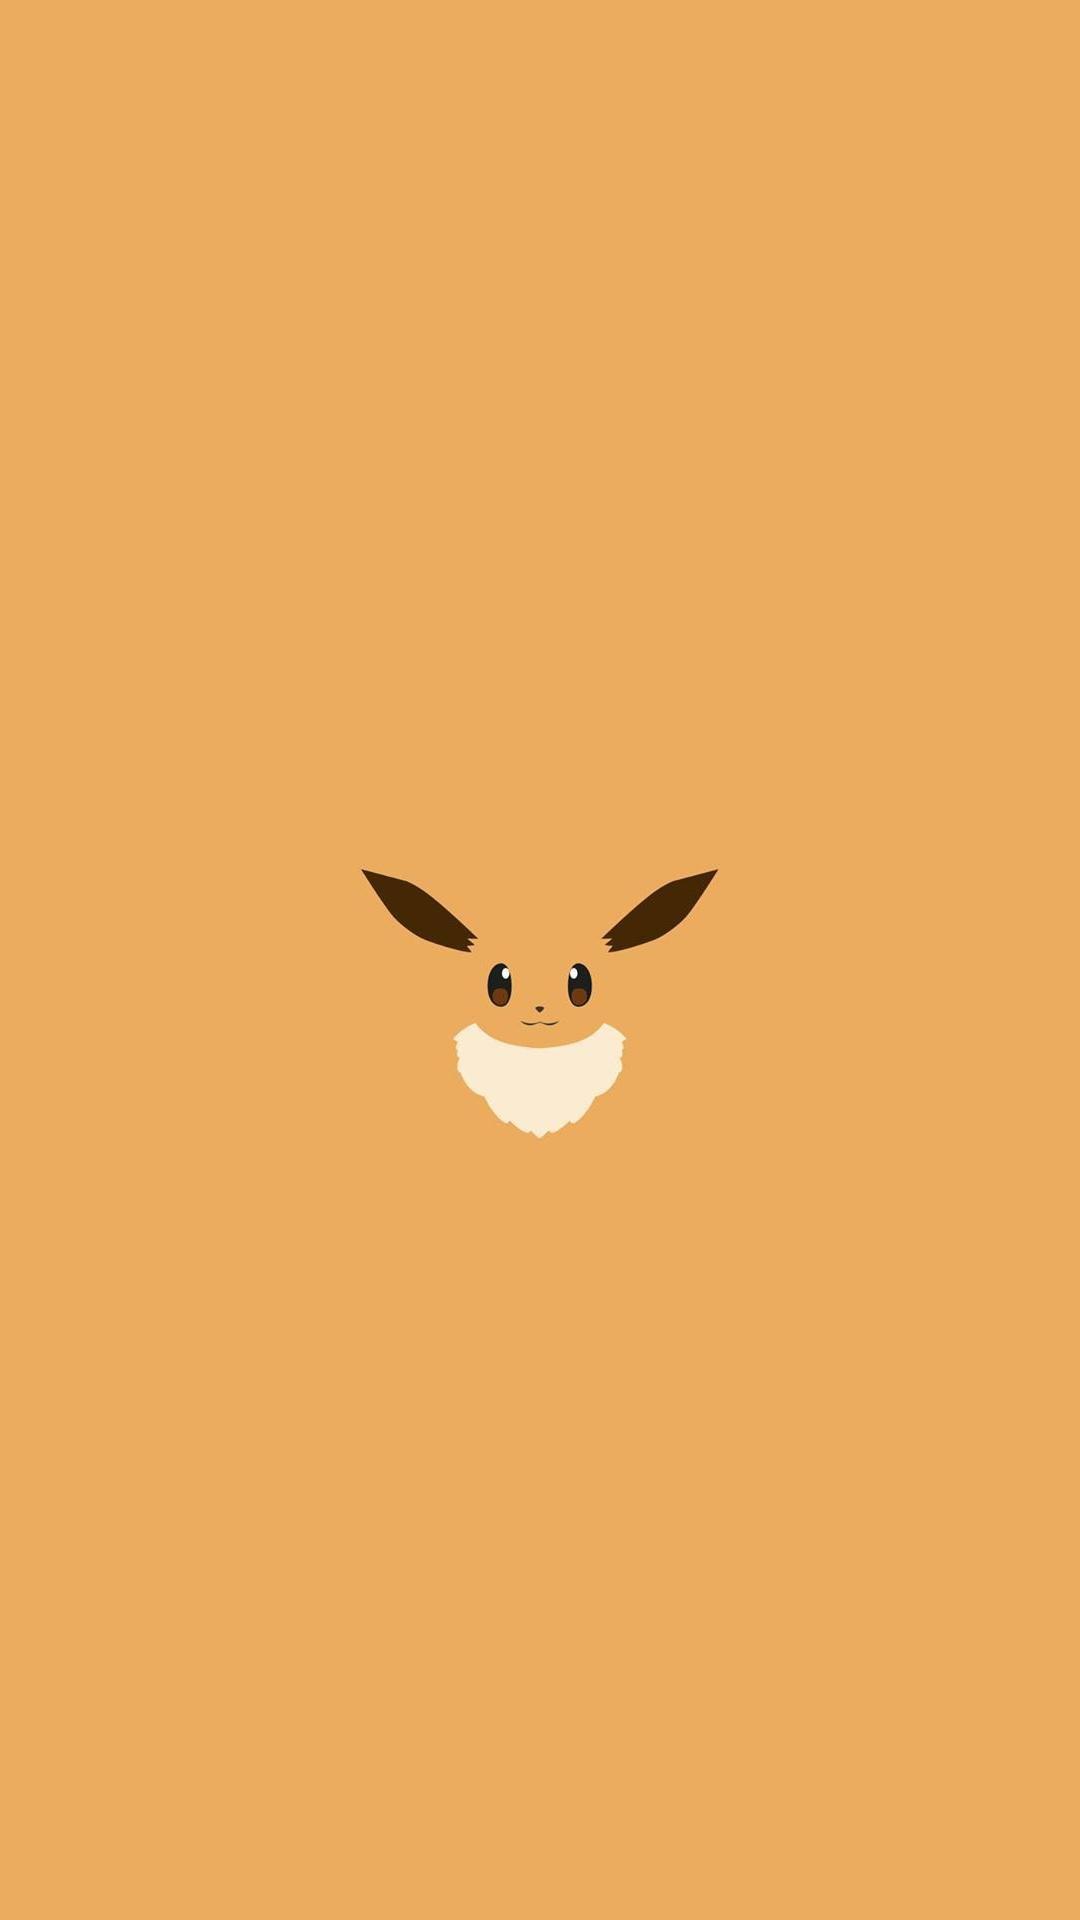 Pokemon Iphone Wallpaper Eevee Supportive Guru